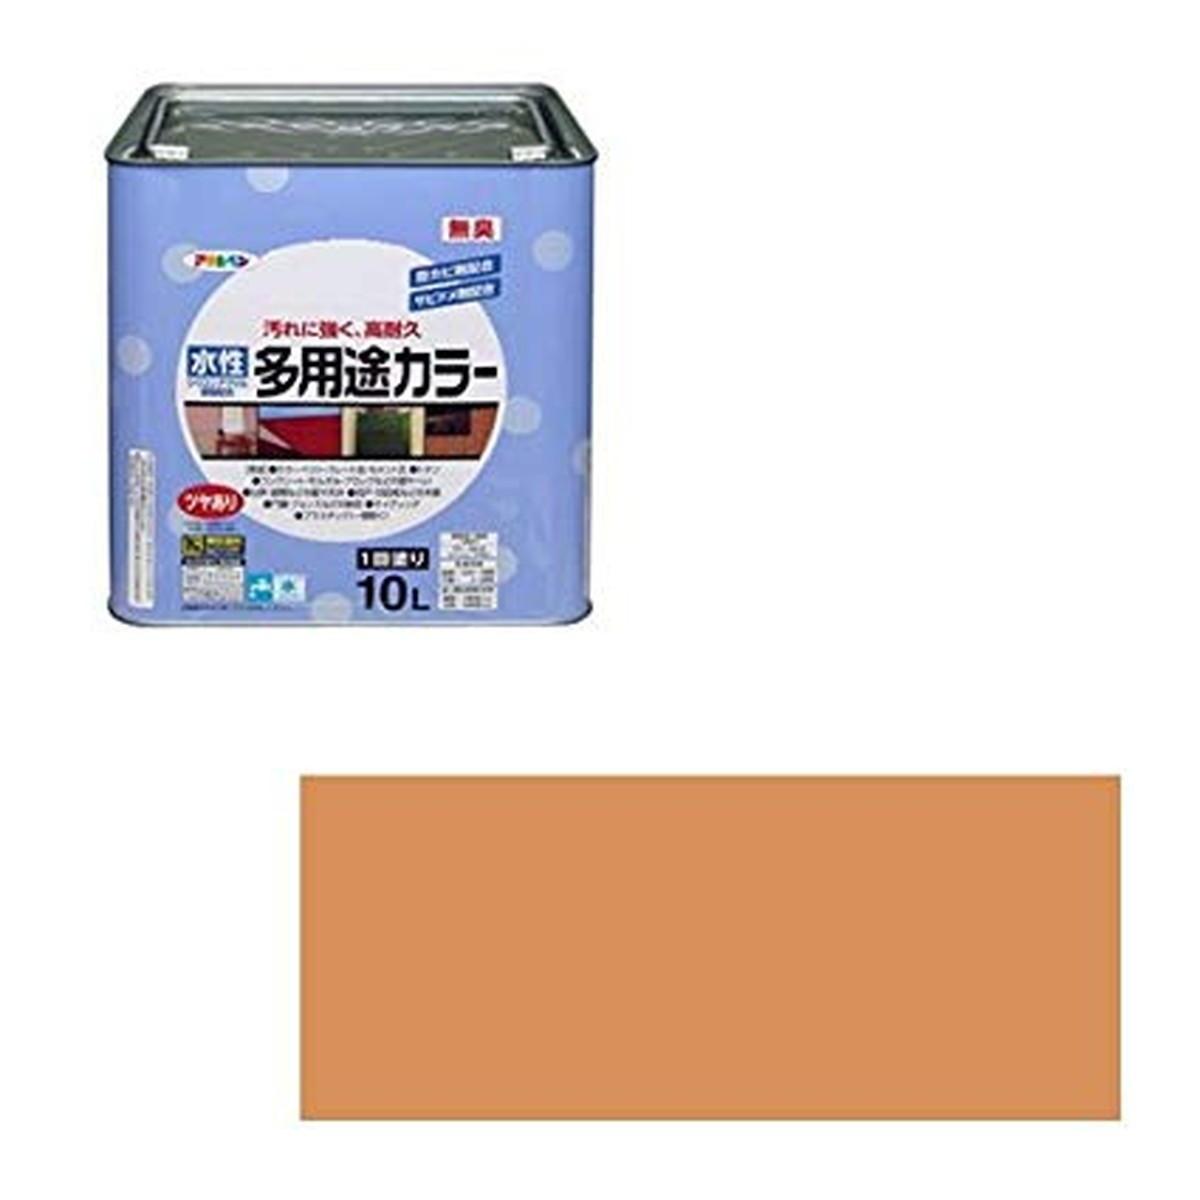 アサヒペン 水性多用途カラー 10L ラフィネオレンジ【クーポン配布中】